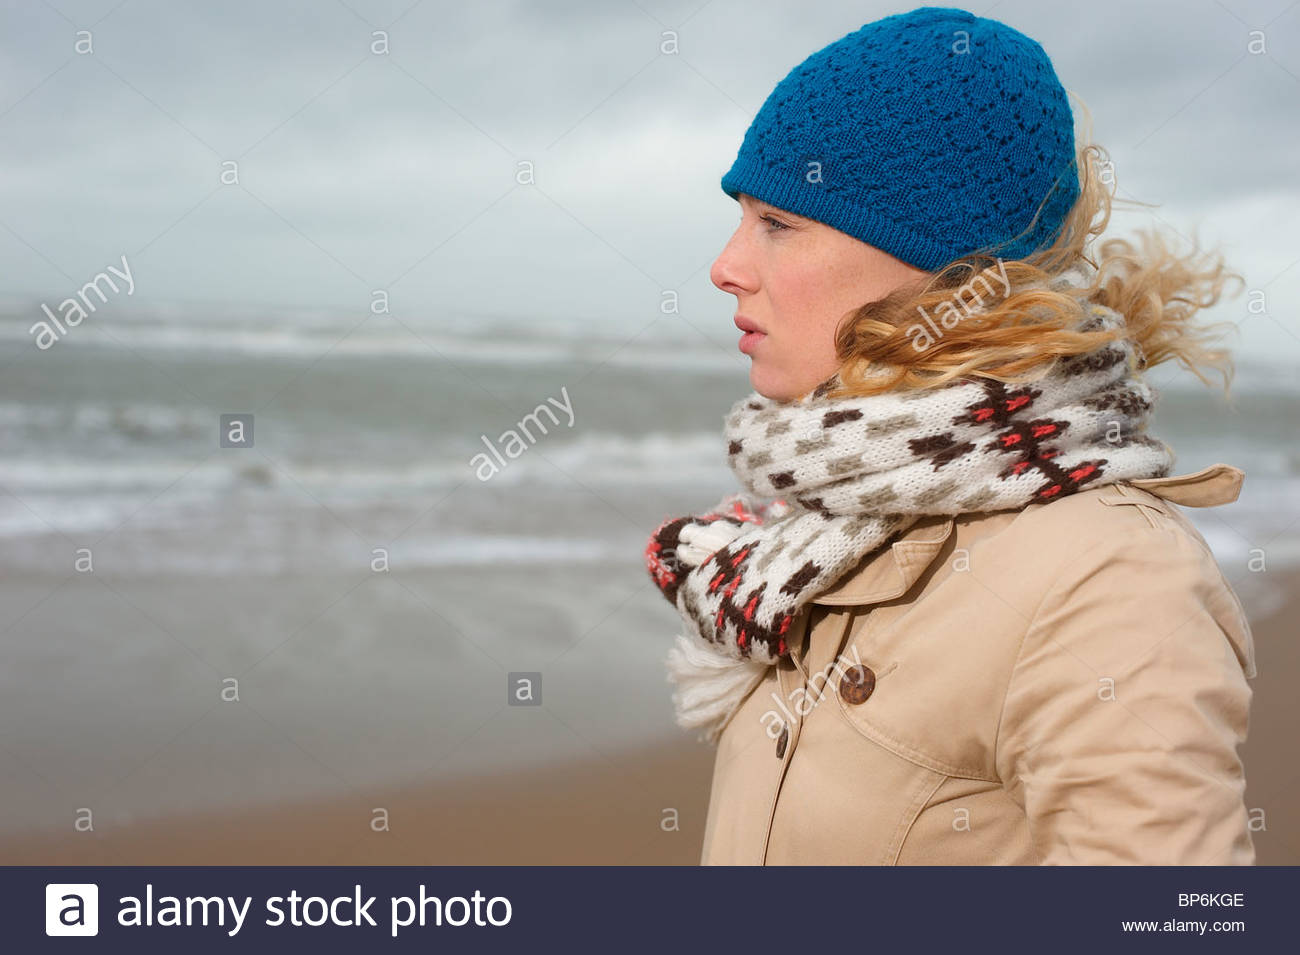 Une femme face à la mer sur une journée l'hiver Photo Stock